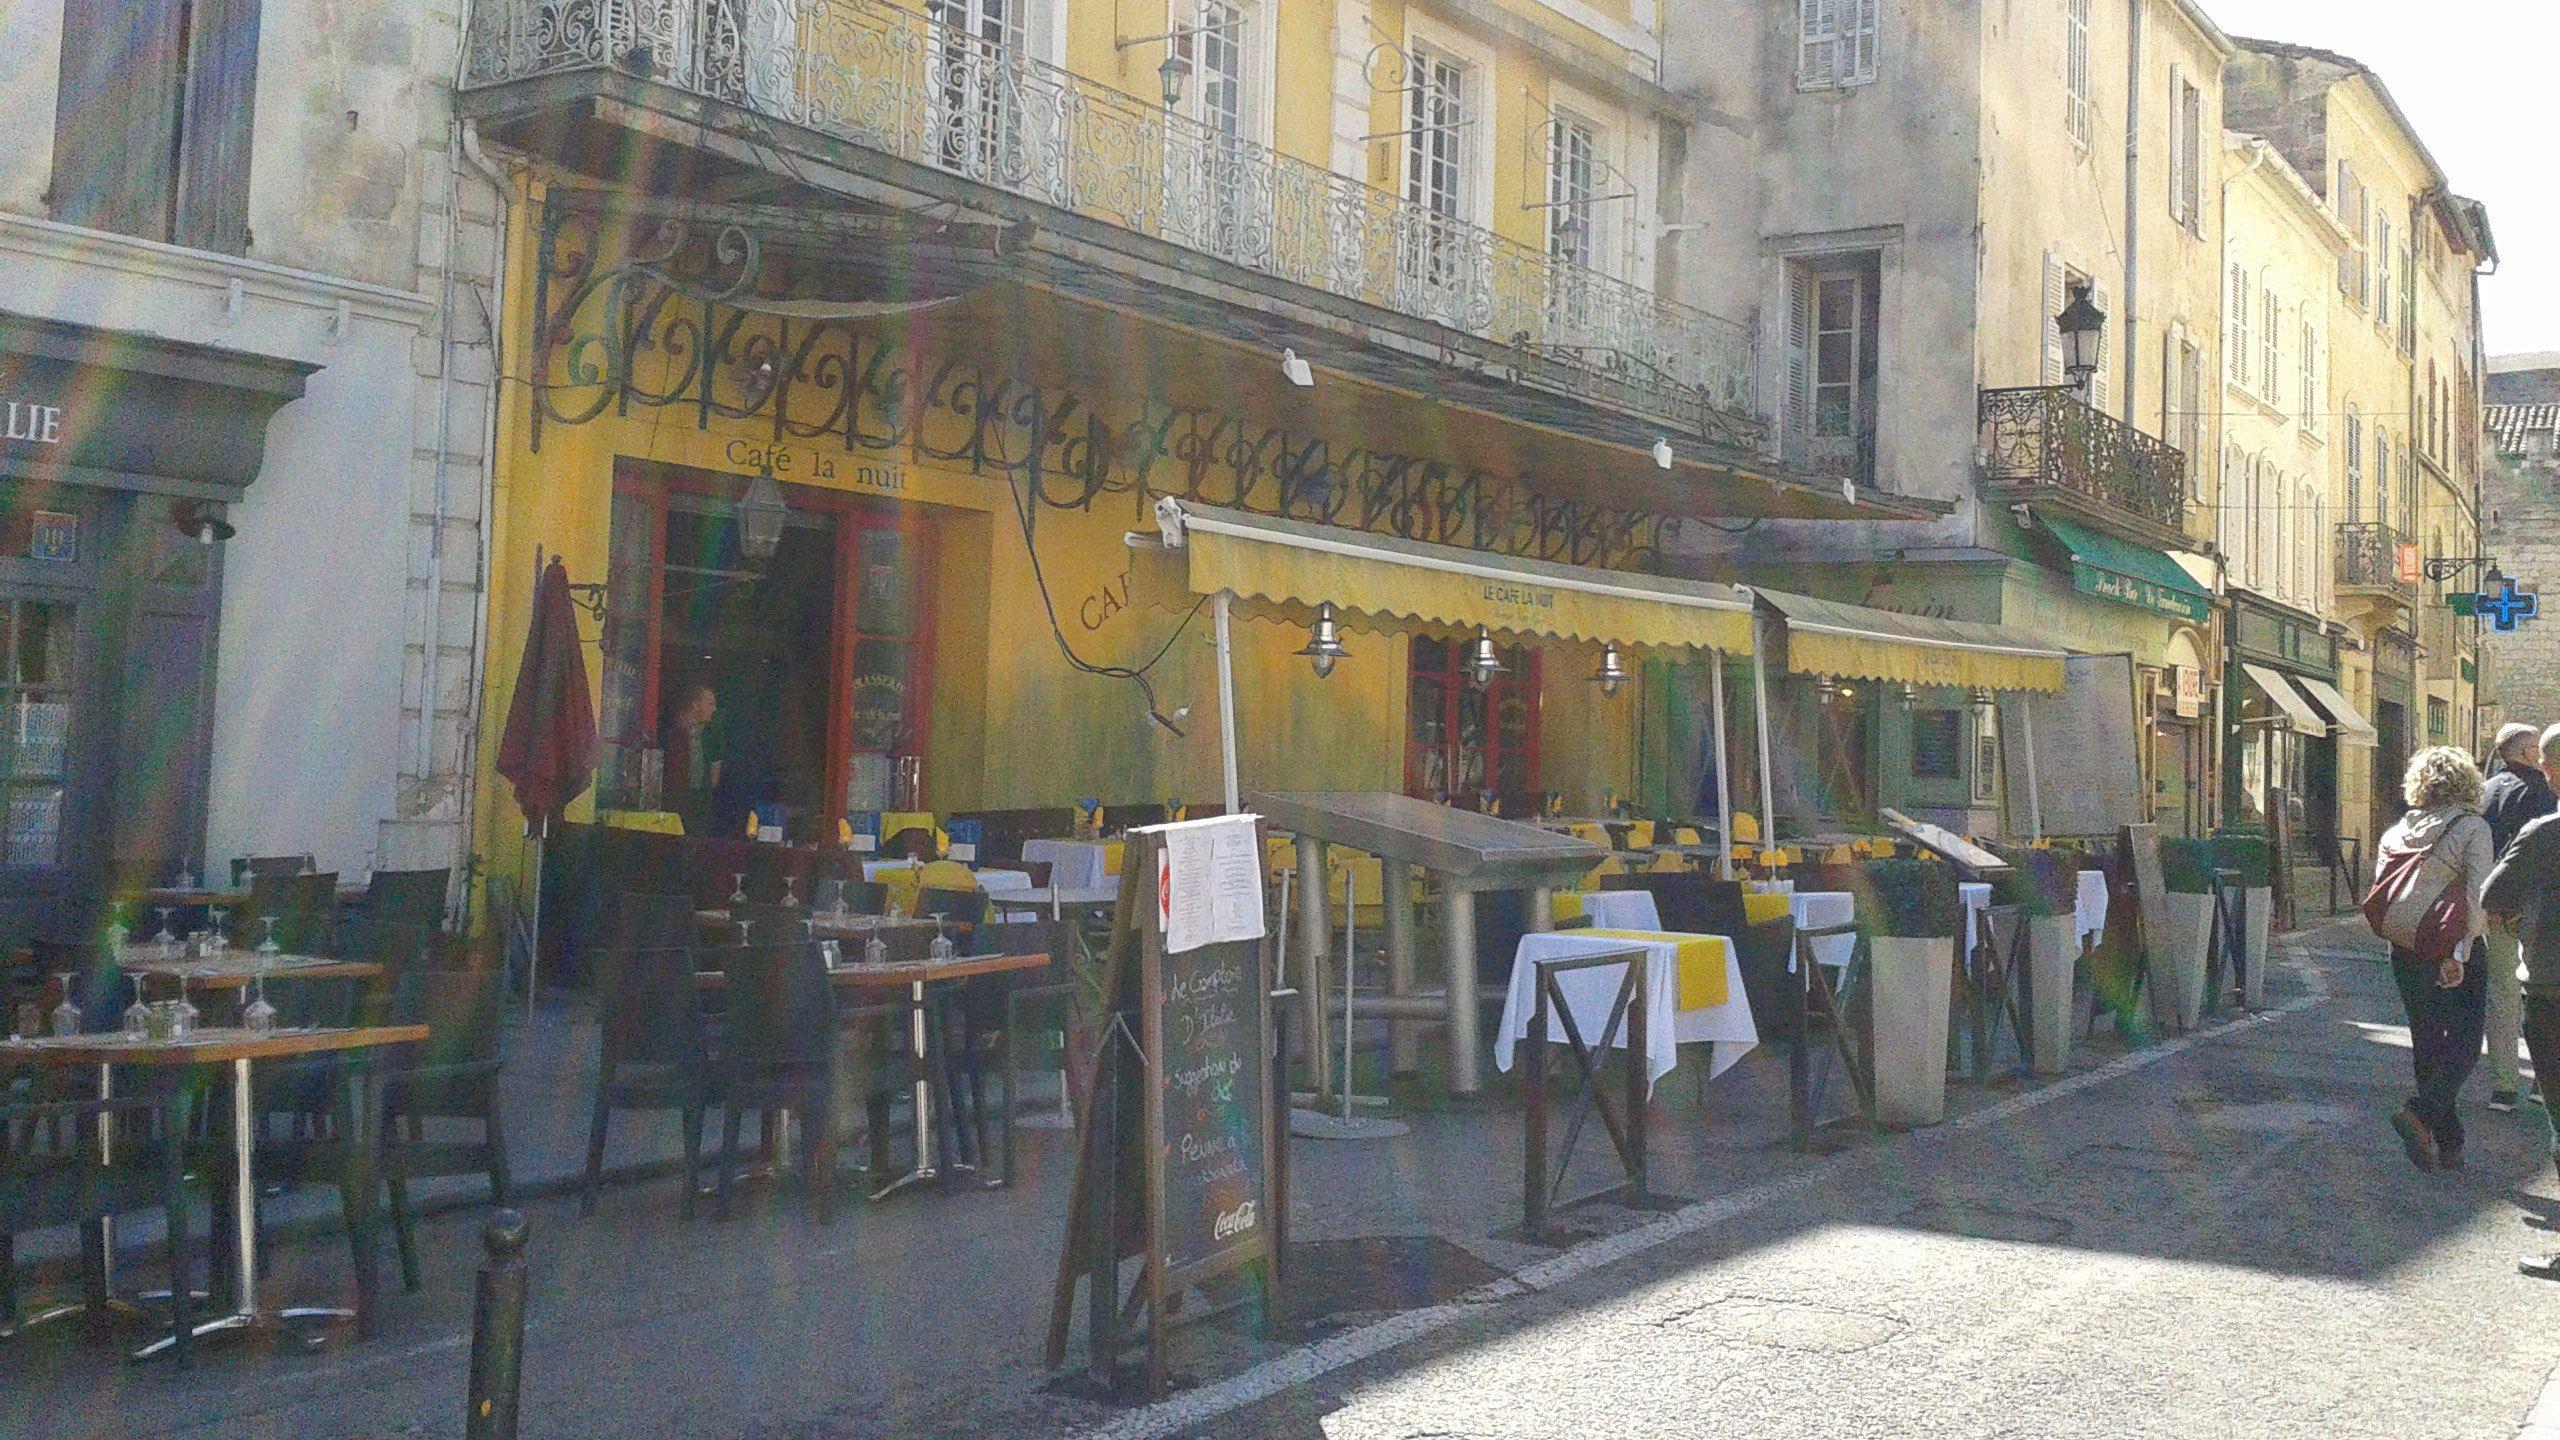 Café Van Gogh as painted by the artist in Arles